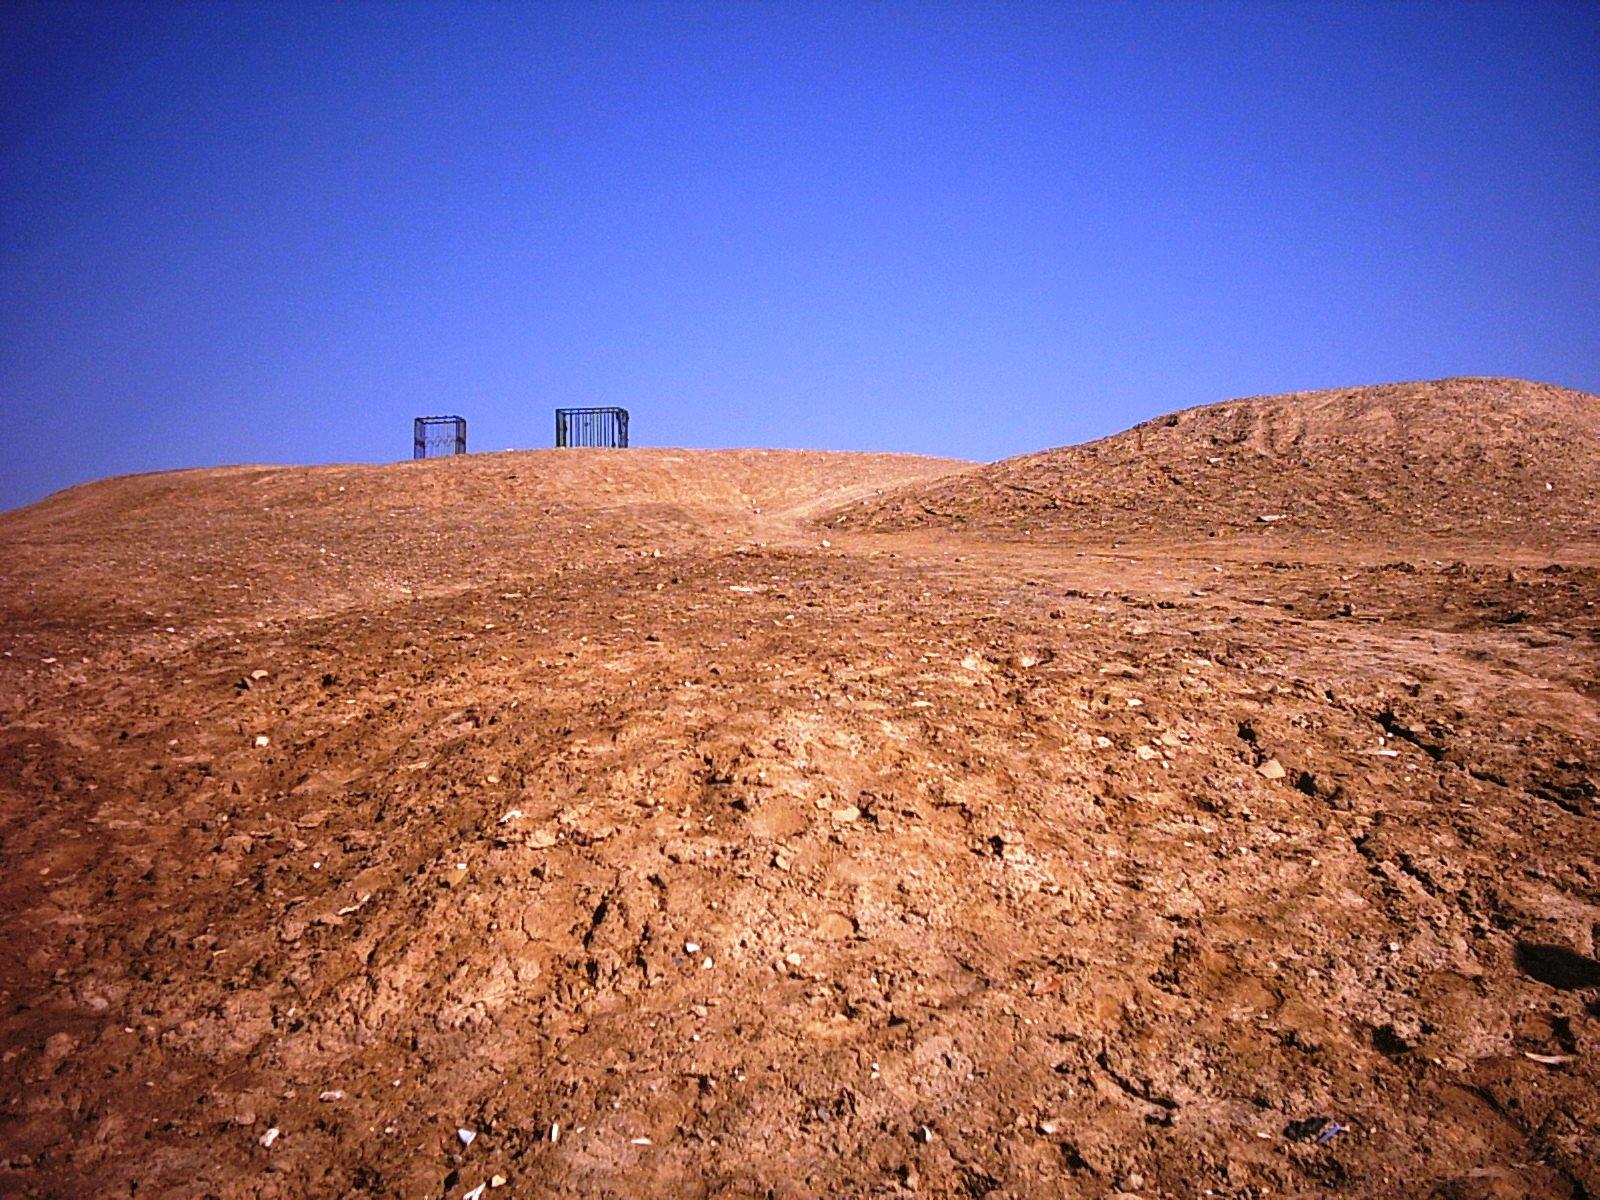 سه راه حل پیشنهادی به شهرداری برای ساماندهی تپه اسفرورین